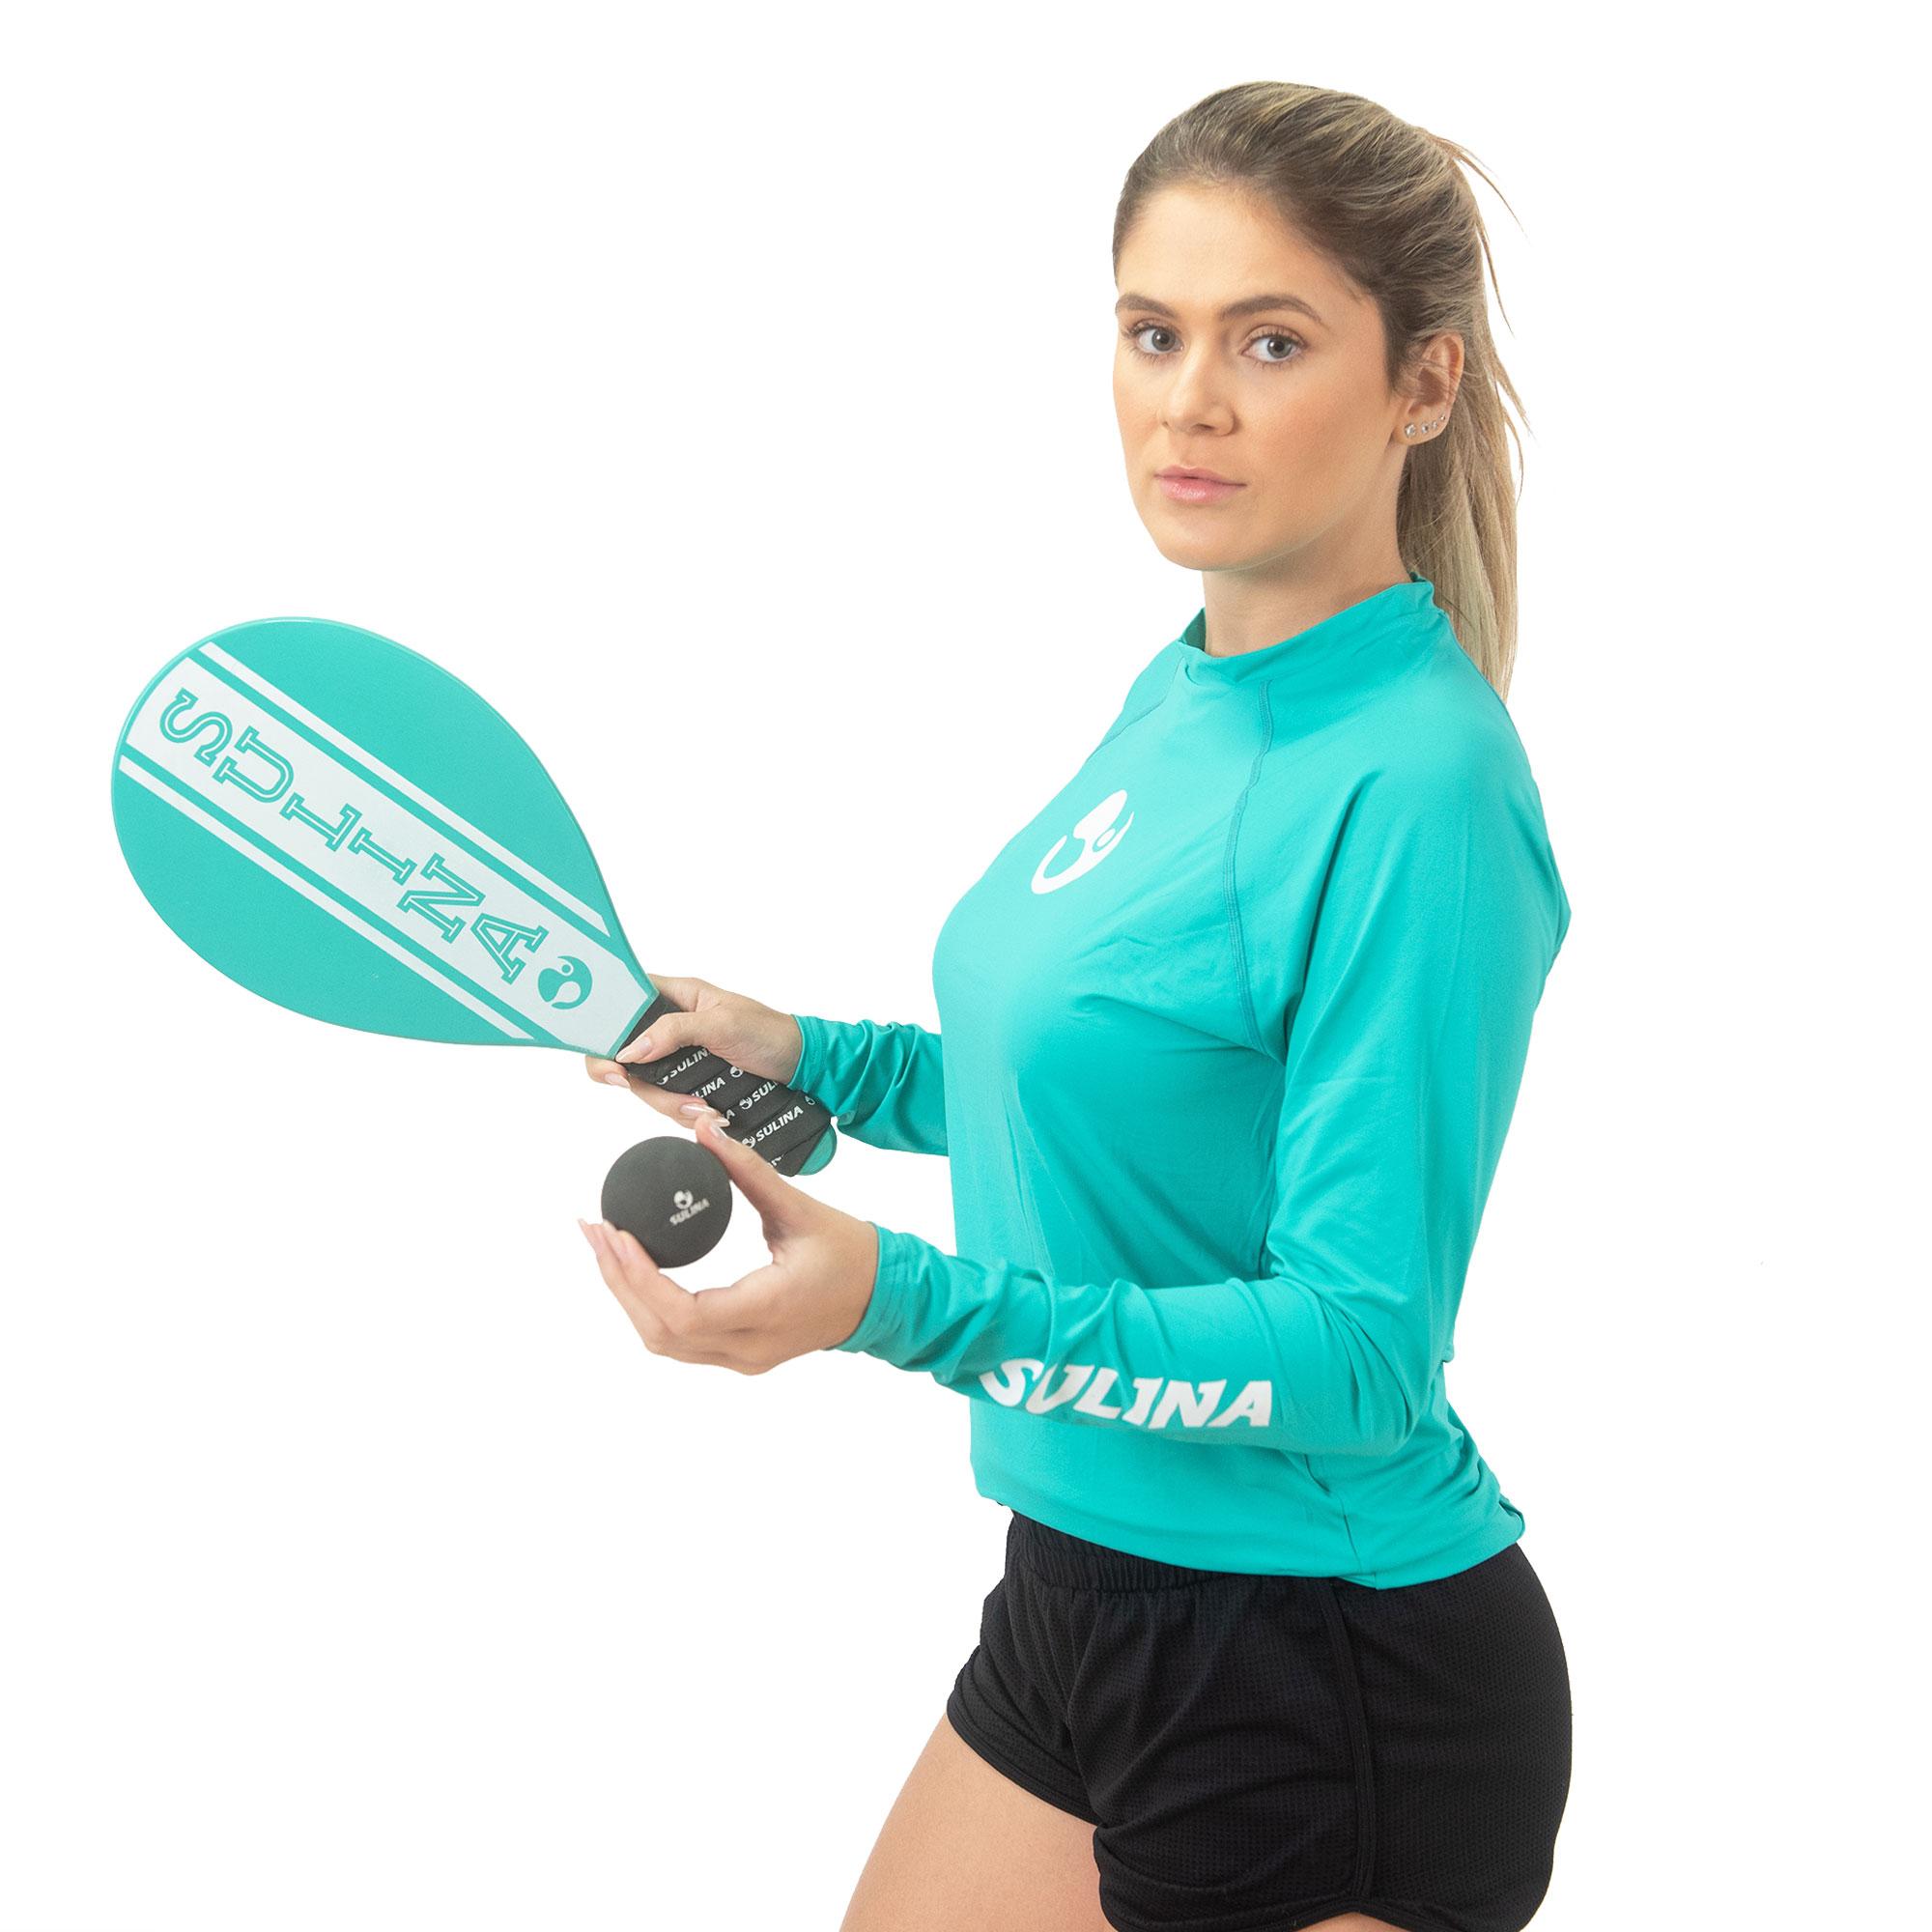 Camiseta Sulina Manga Longa UV 50+  Térmica Ciano